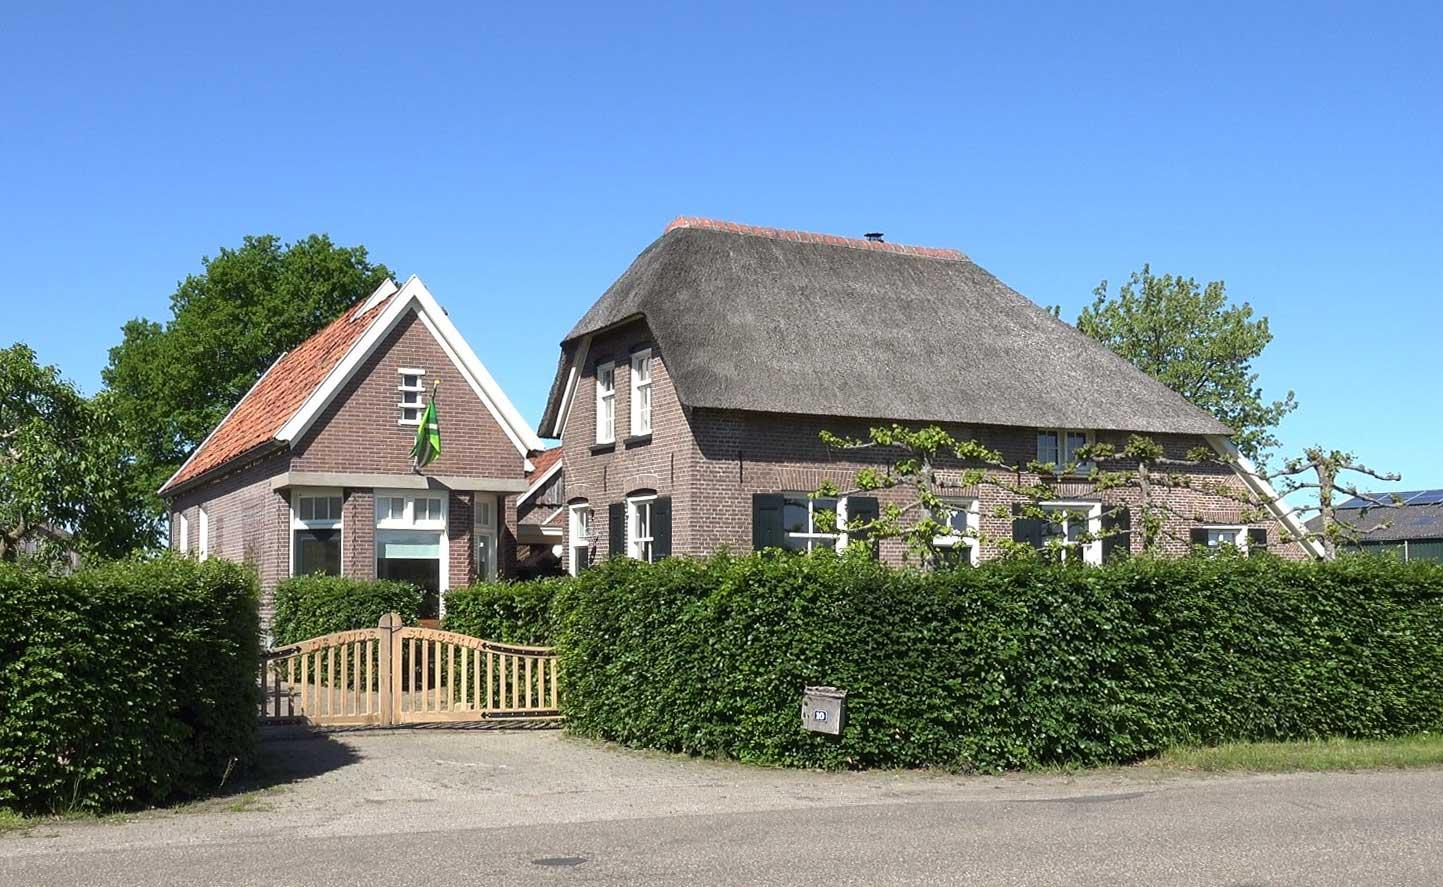 Wichmond Lankhorsterstraat 10 Boerderij en voormalig slagerij